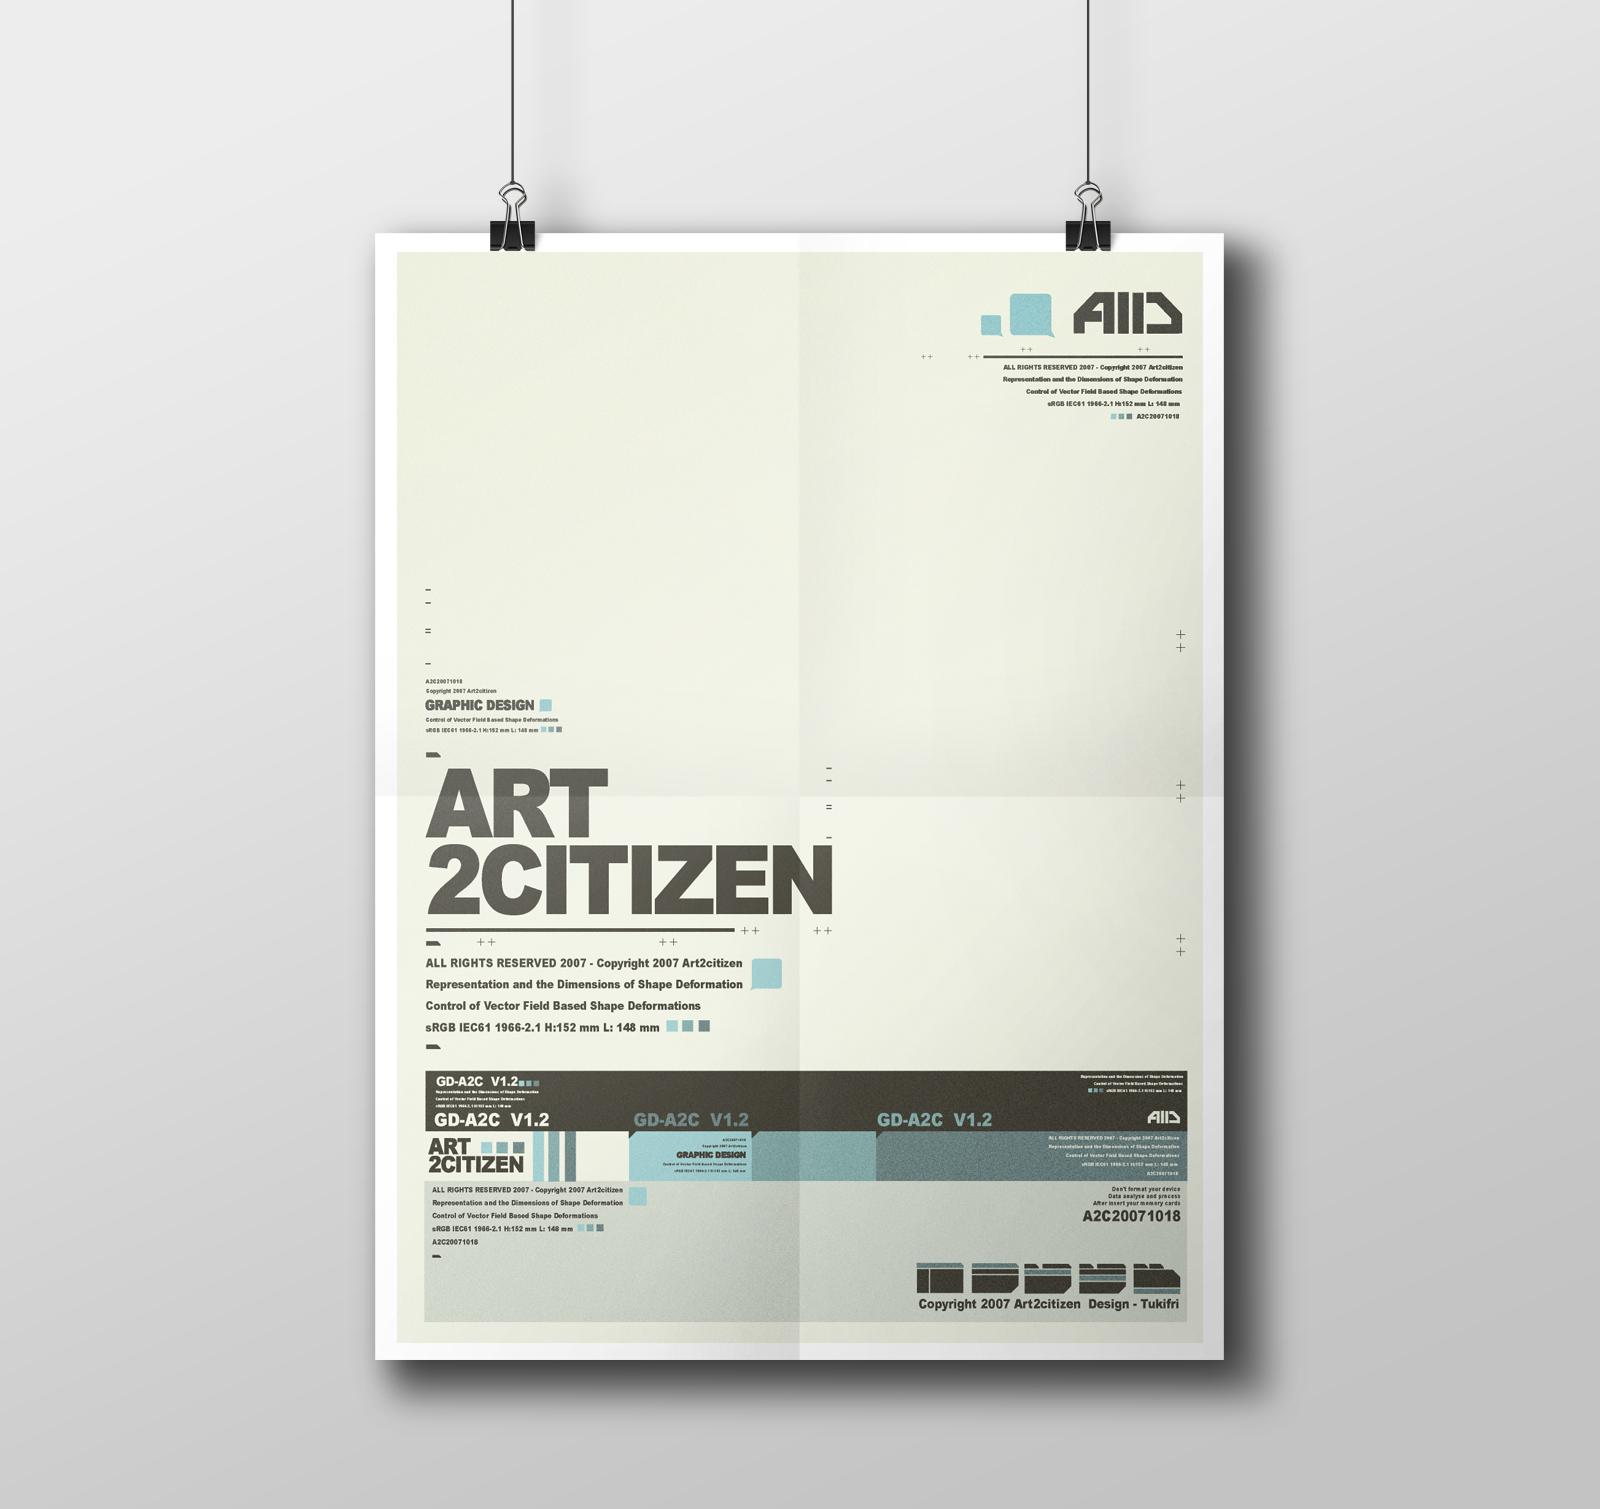 poster_mockup_MD-2d04